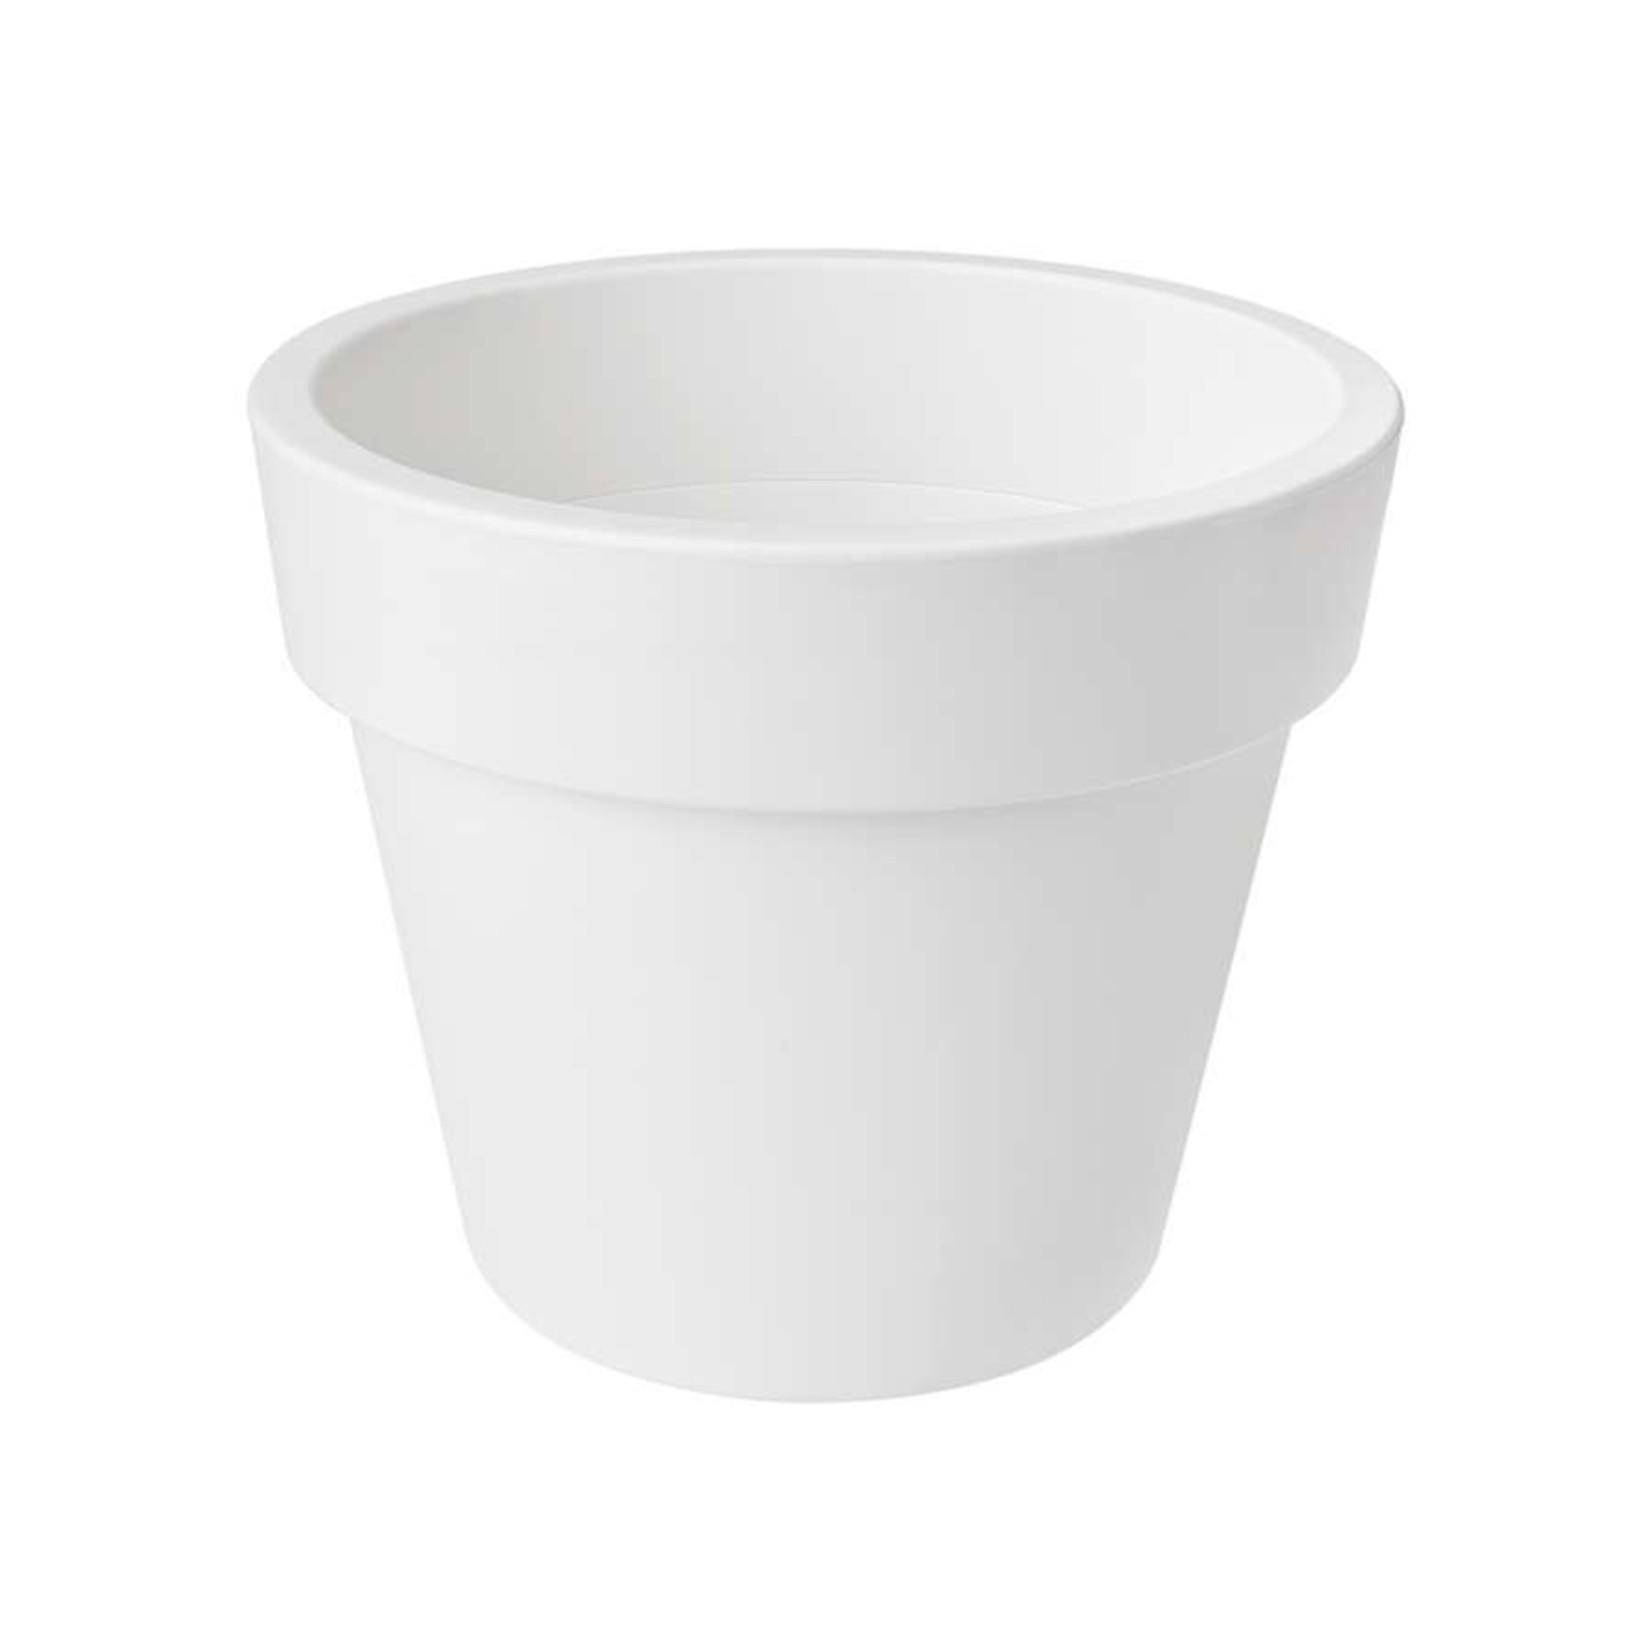 Elho Elho Top Planter 23Cm Cotton White